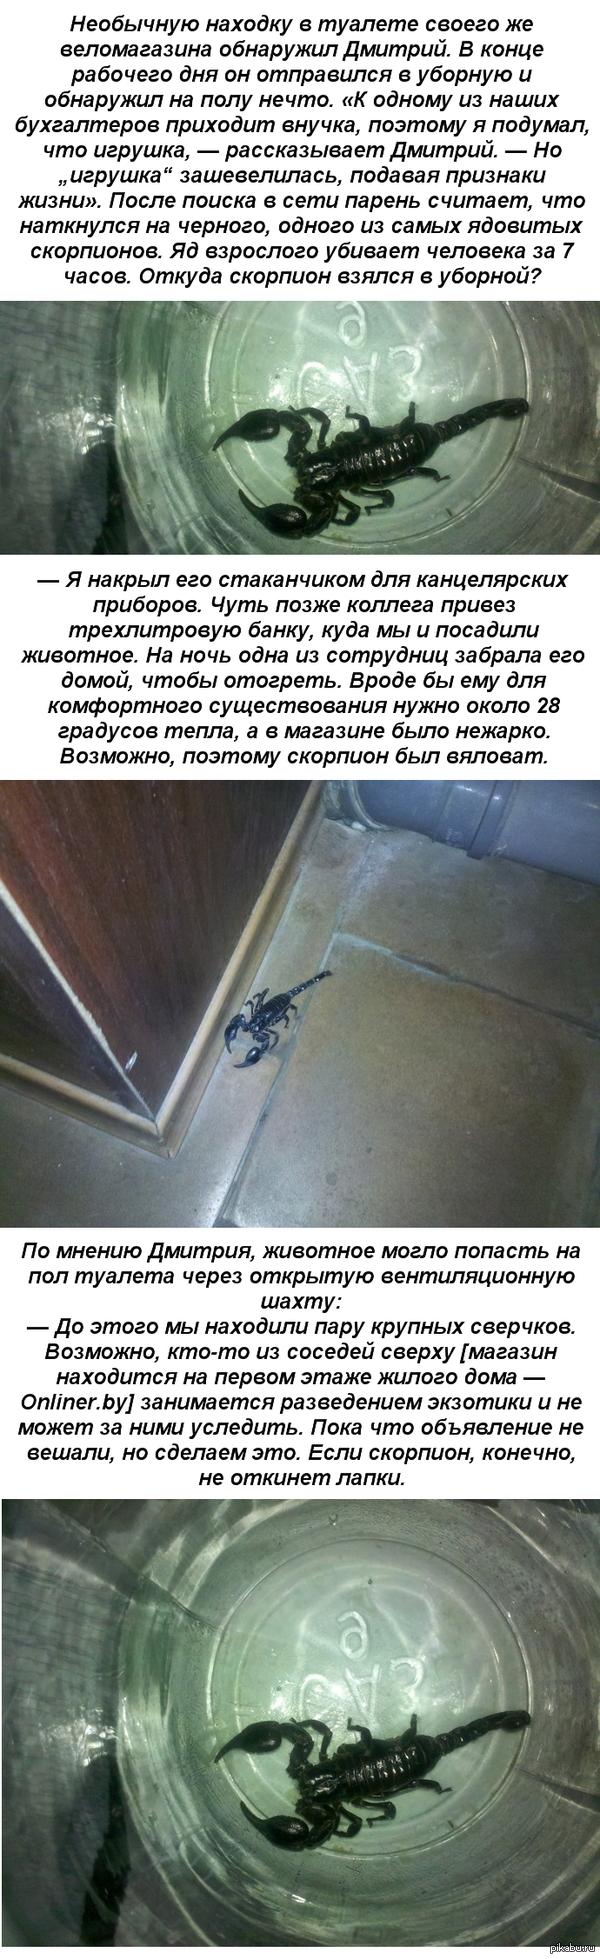 Обнаружил в туалете НЕЧТО ... Минчанин в туалетной комнате магазина наткнулся на скорпиона)